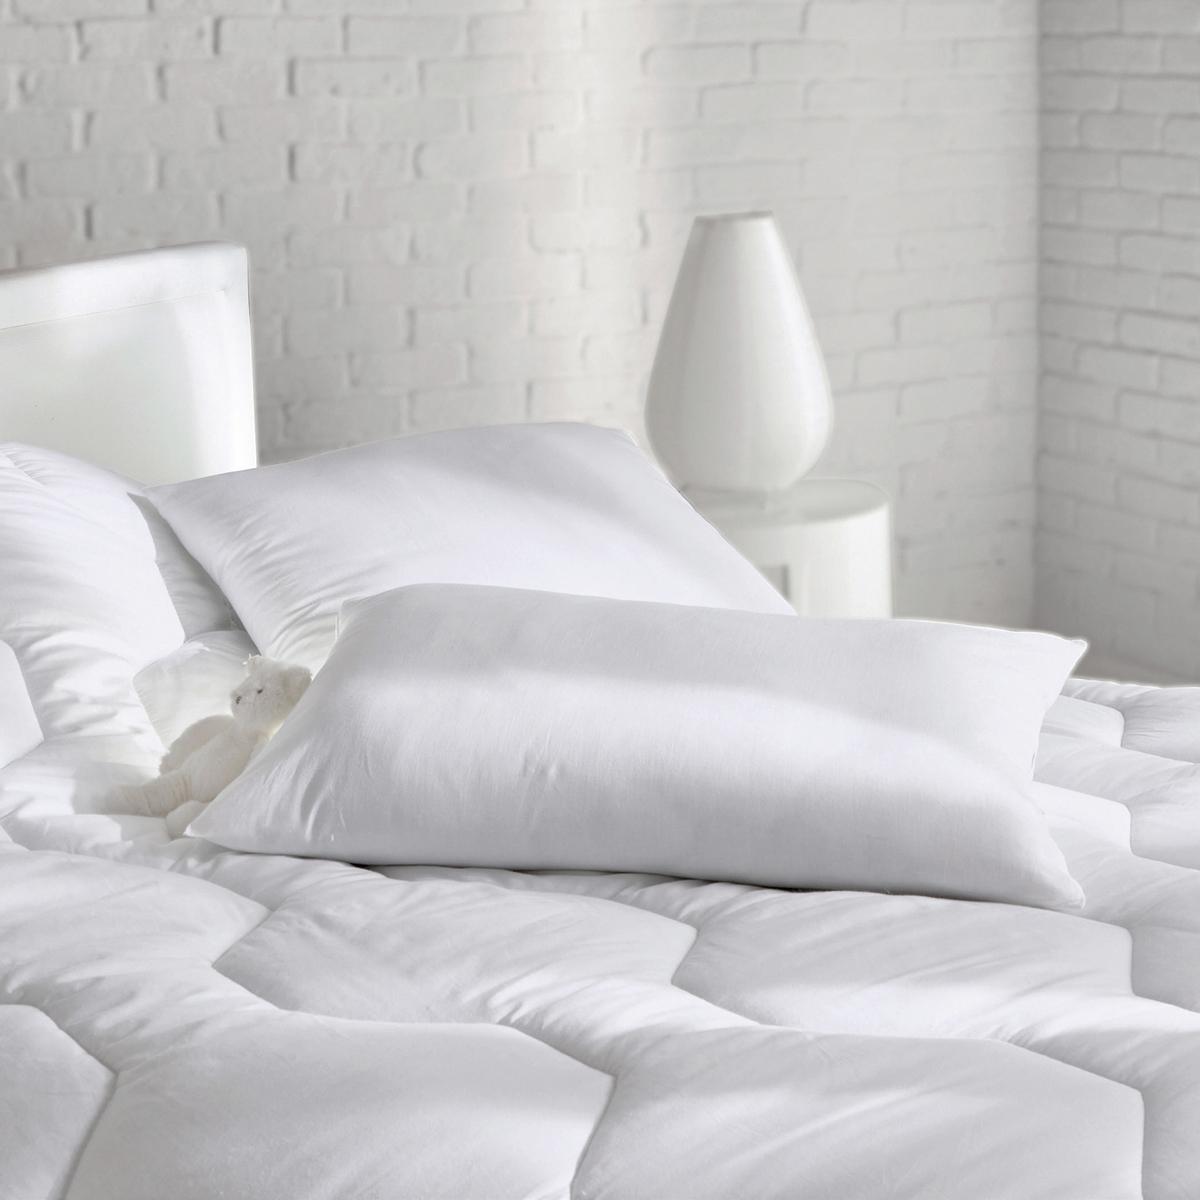 Подушка мягкая, с обработкой против клещей от La Redoute